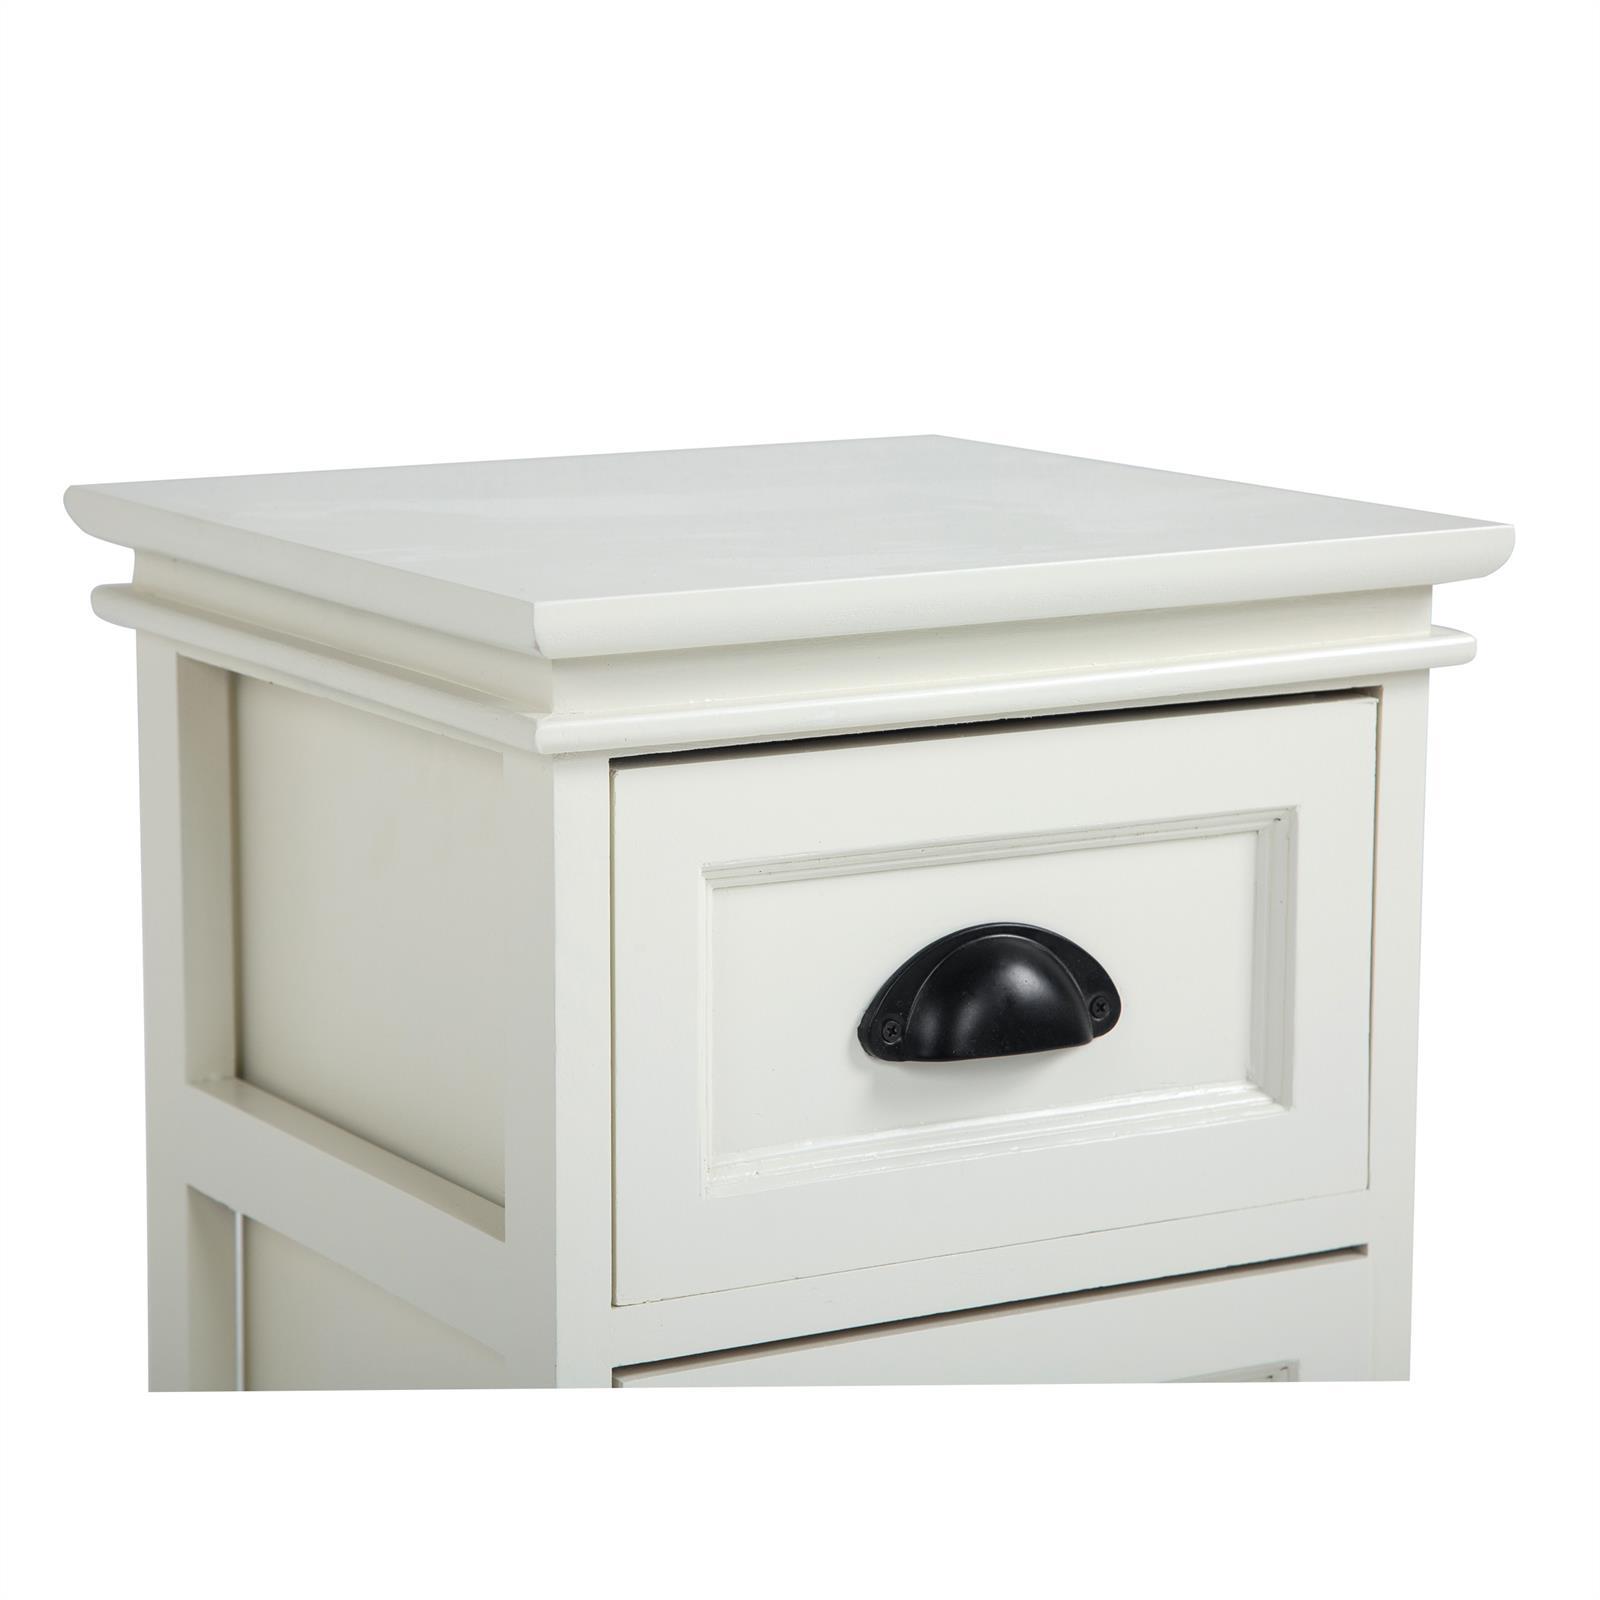 nachttisch landhaus wei mit 2 schubladen caro m bel. Black Bedroom Furniture Sets. Home Design Ideas